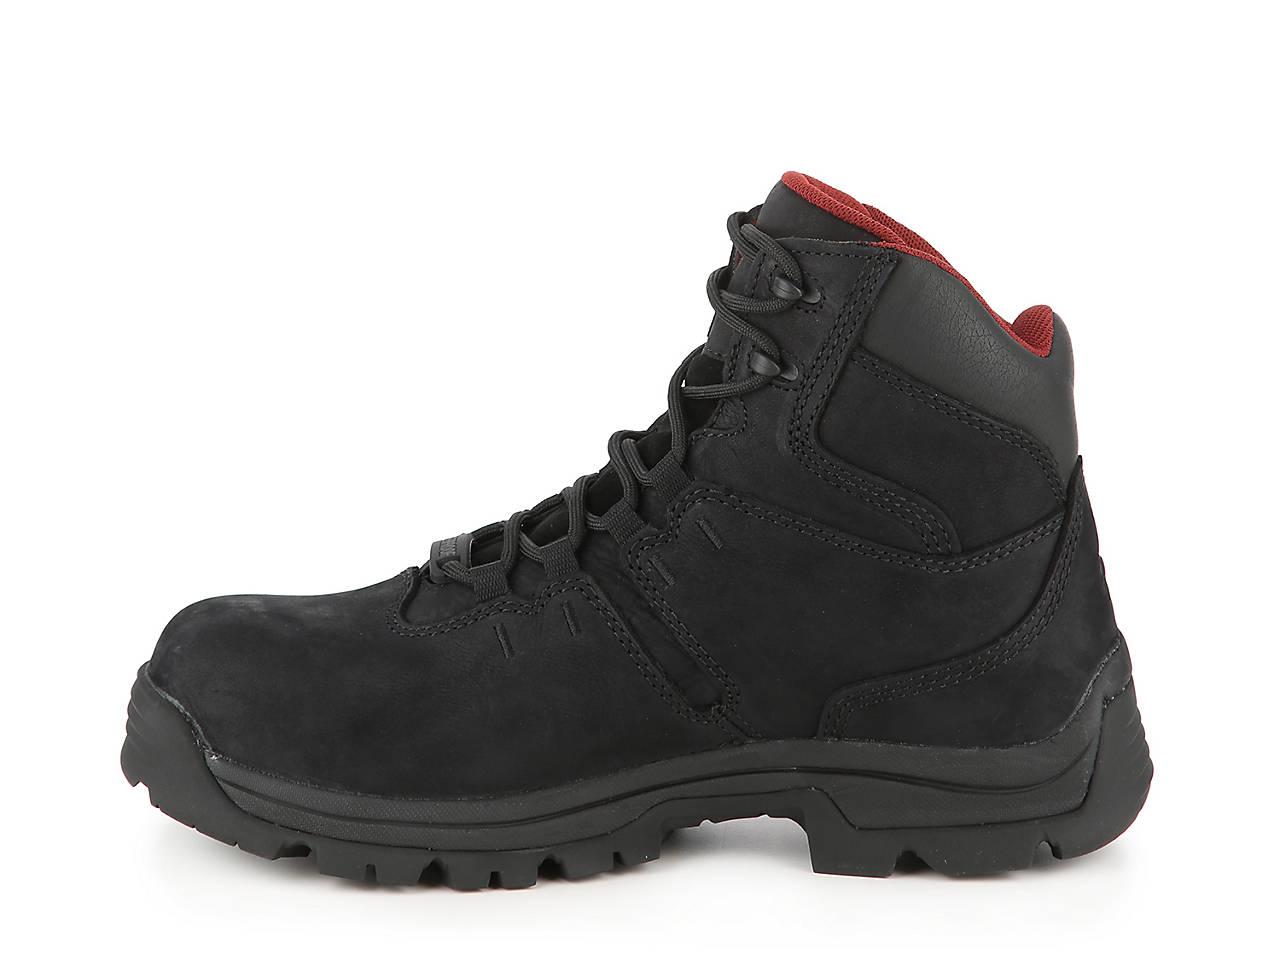 9cbc016d007 Bonaventure Steel Toe Work Boot